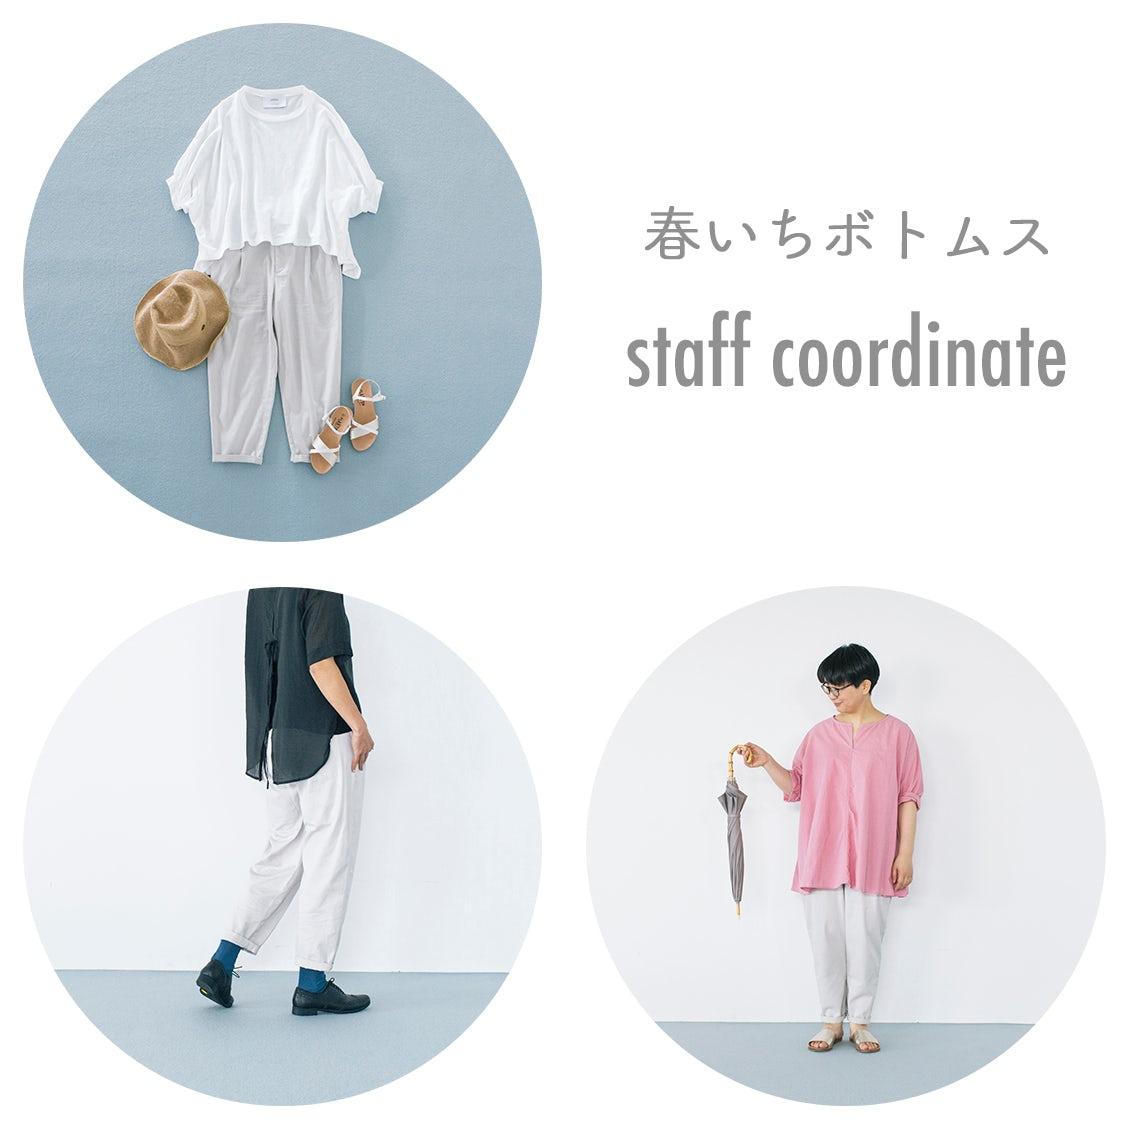 【夏のクローゼット】これ一本あれば。スタッフが「春いちボトムス×夏服」をコーディネート